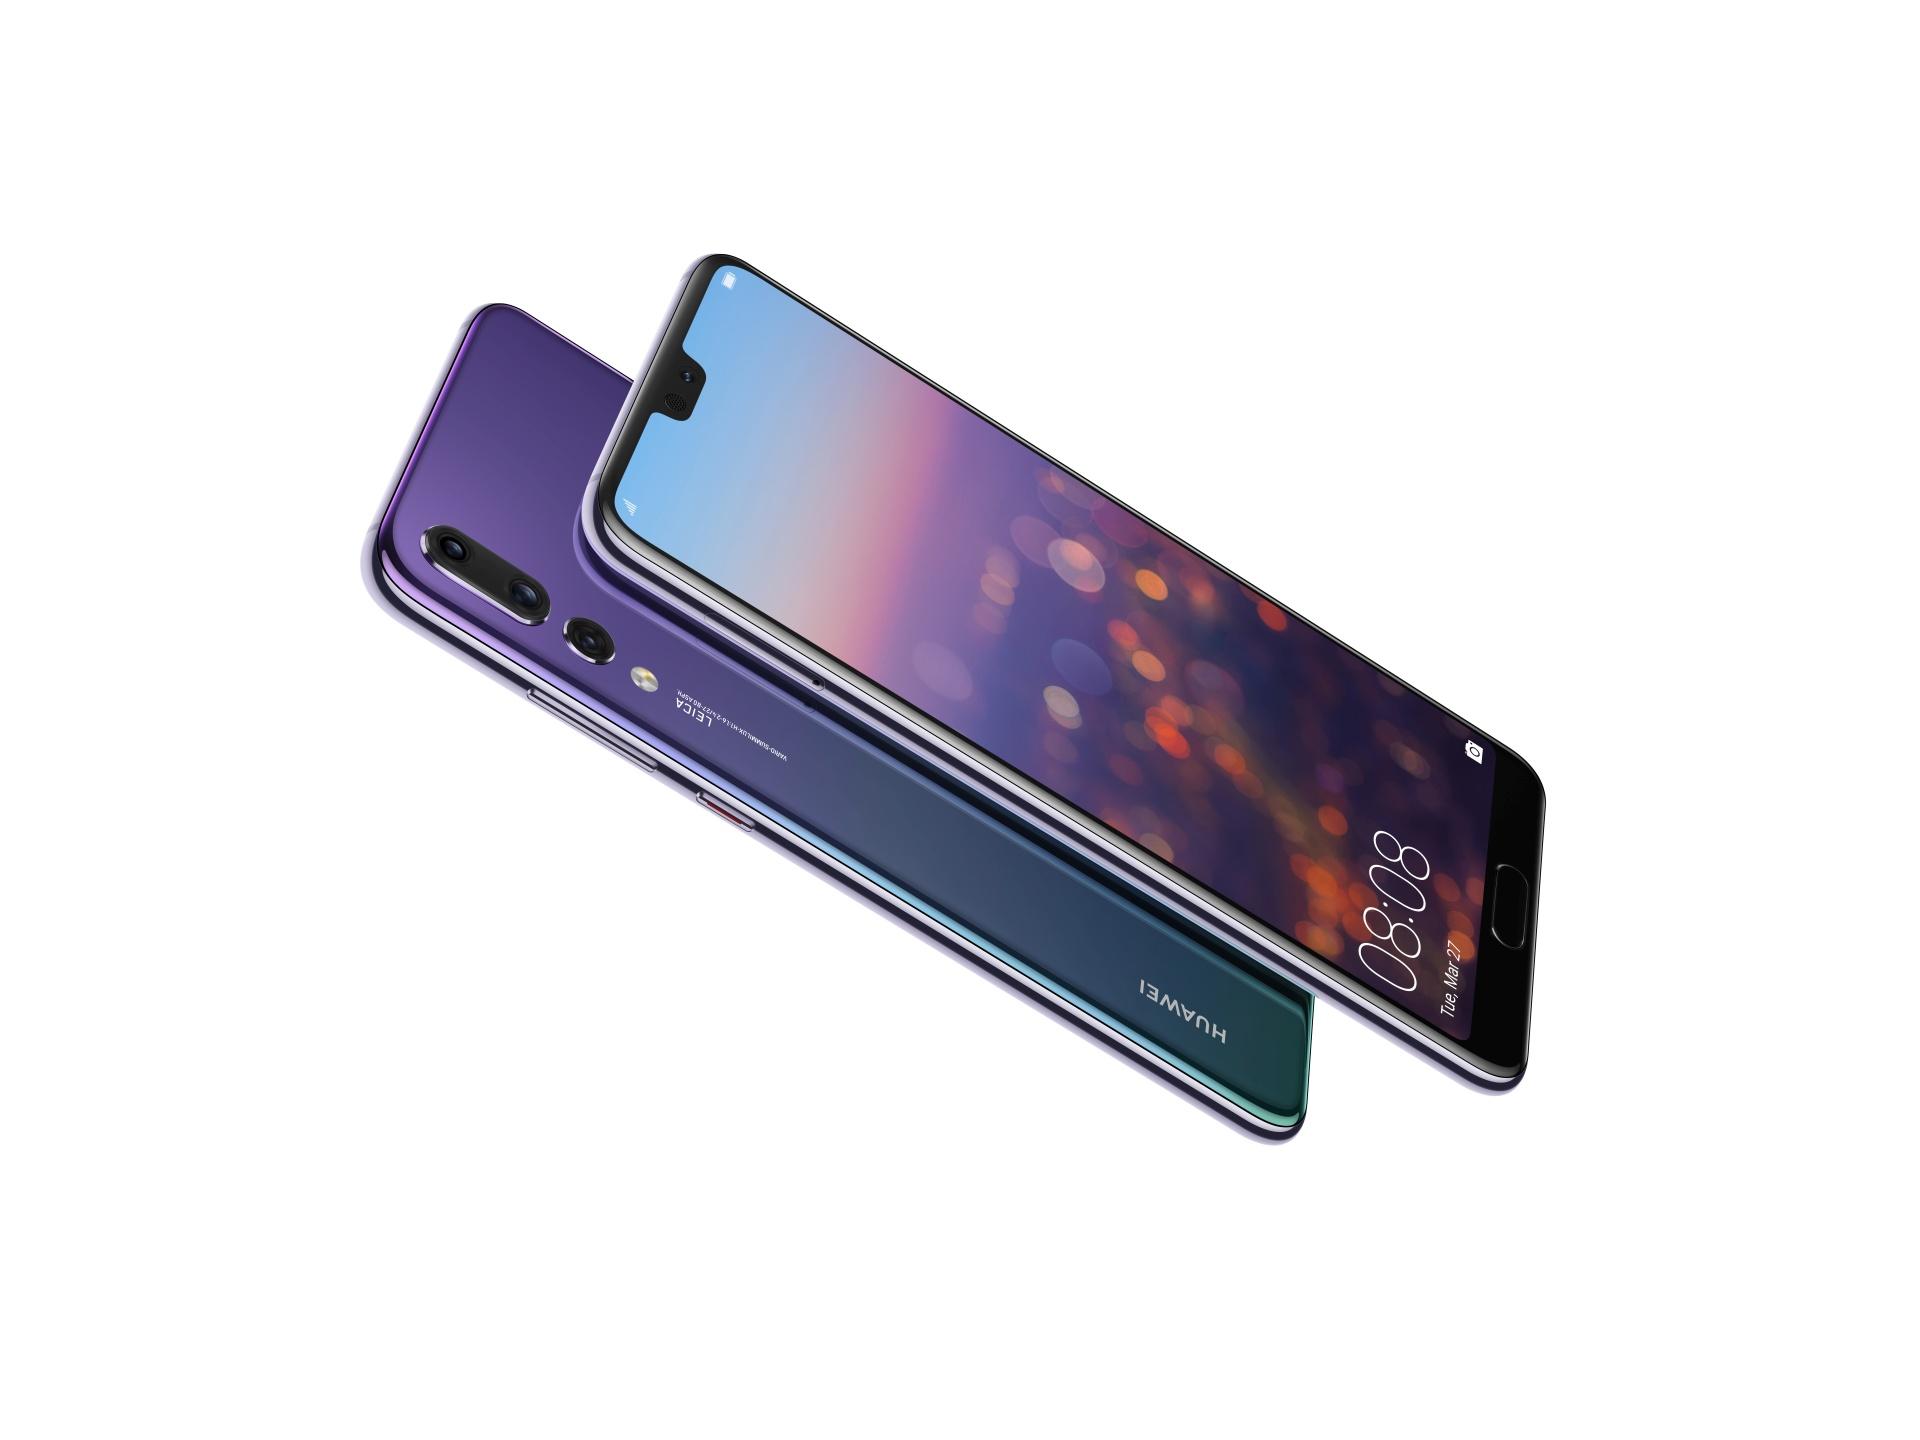 Huawei nabízí nadstandardní servis pro top modely P20 a P20 Pro